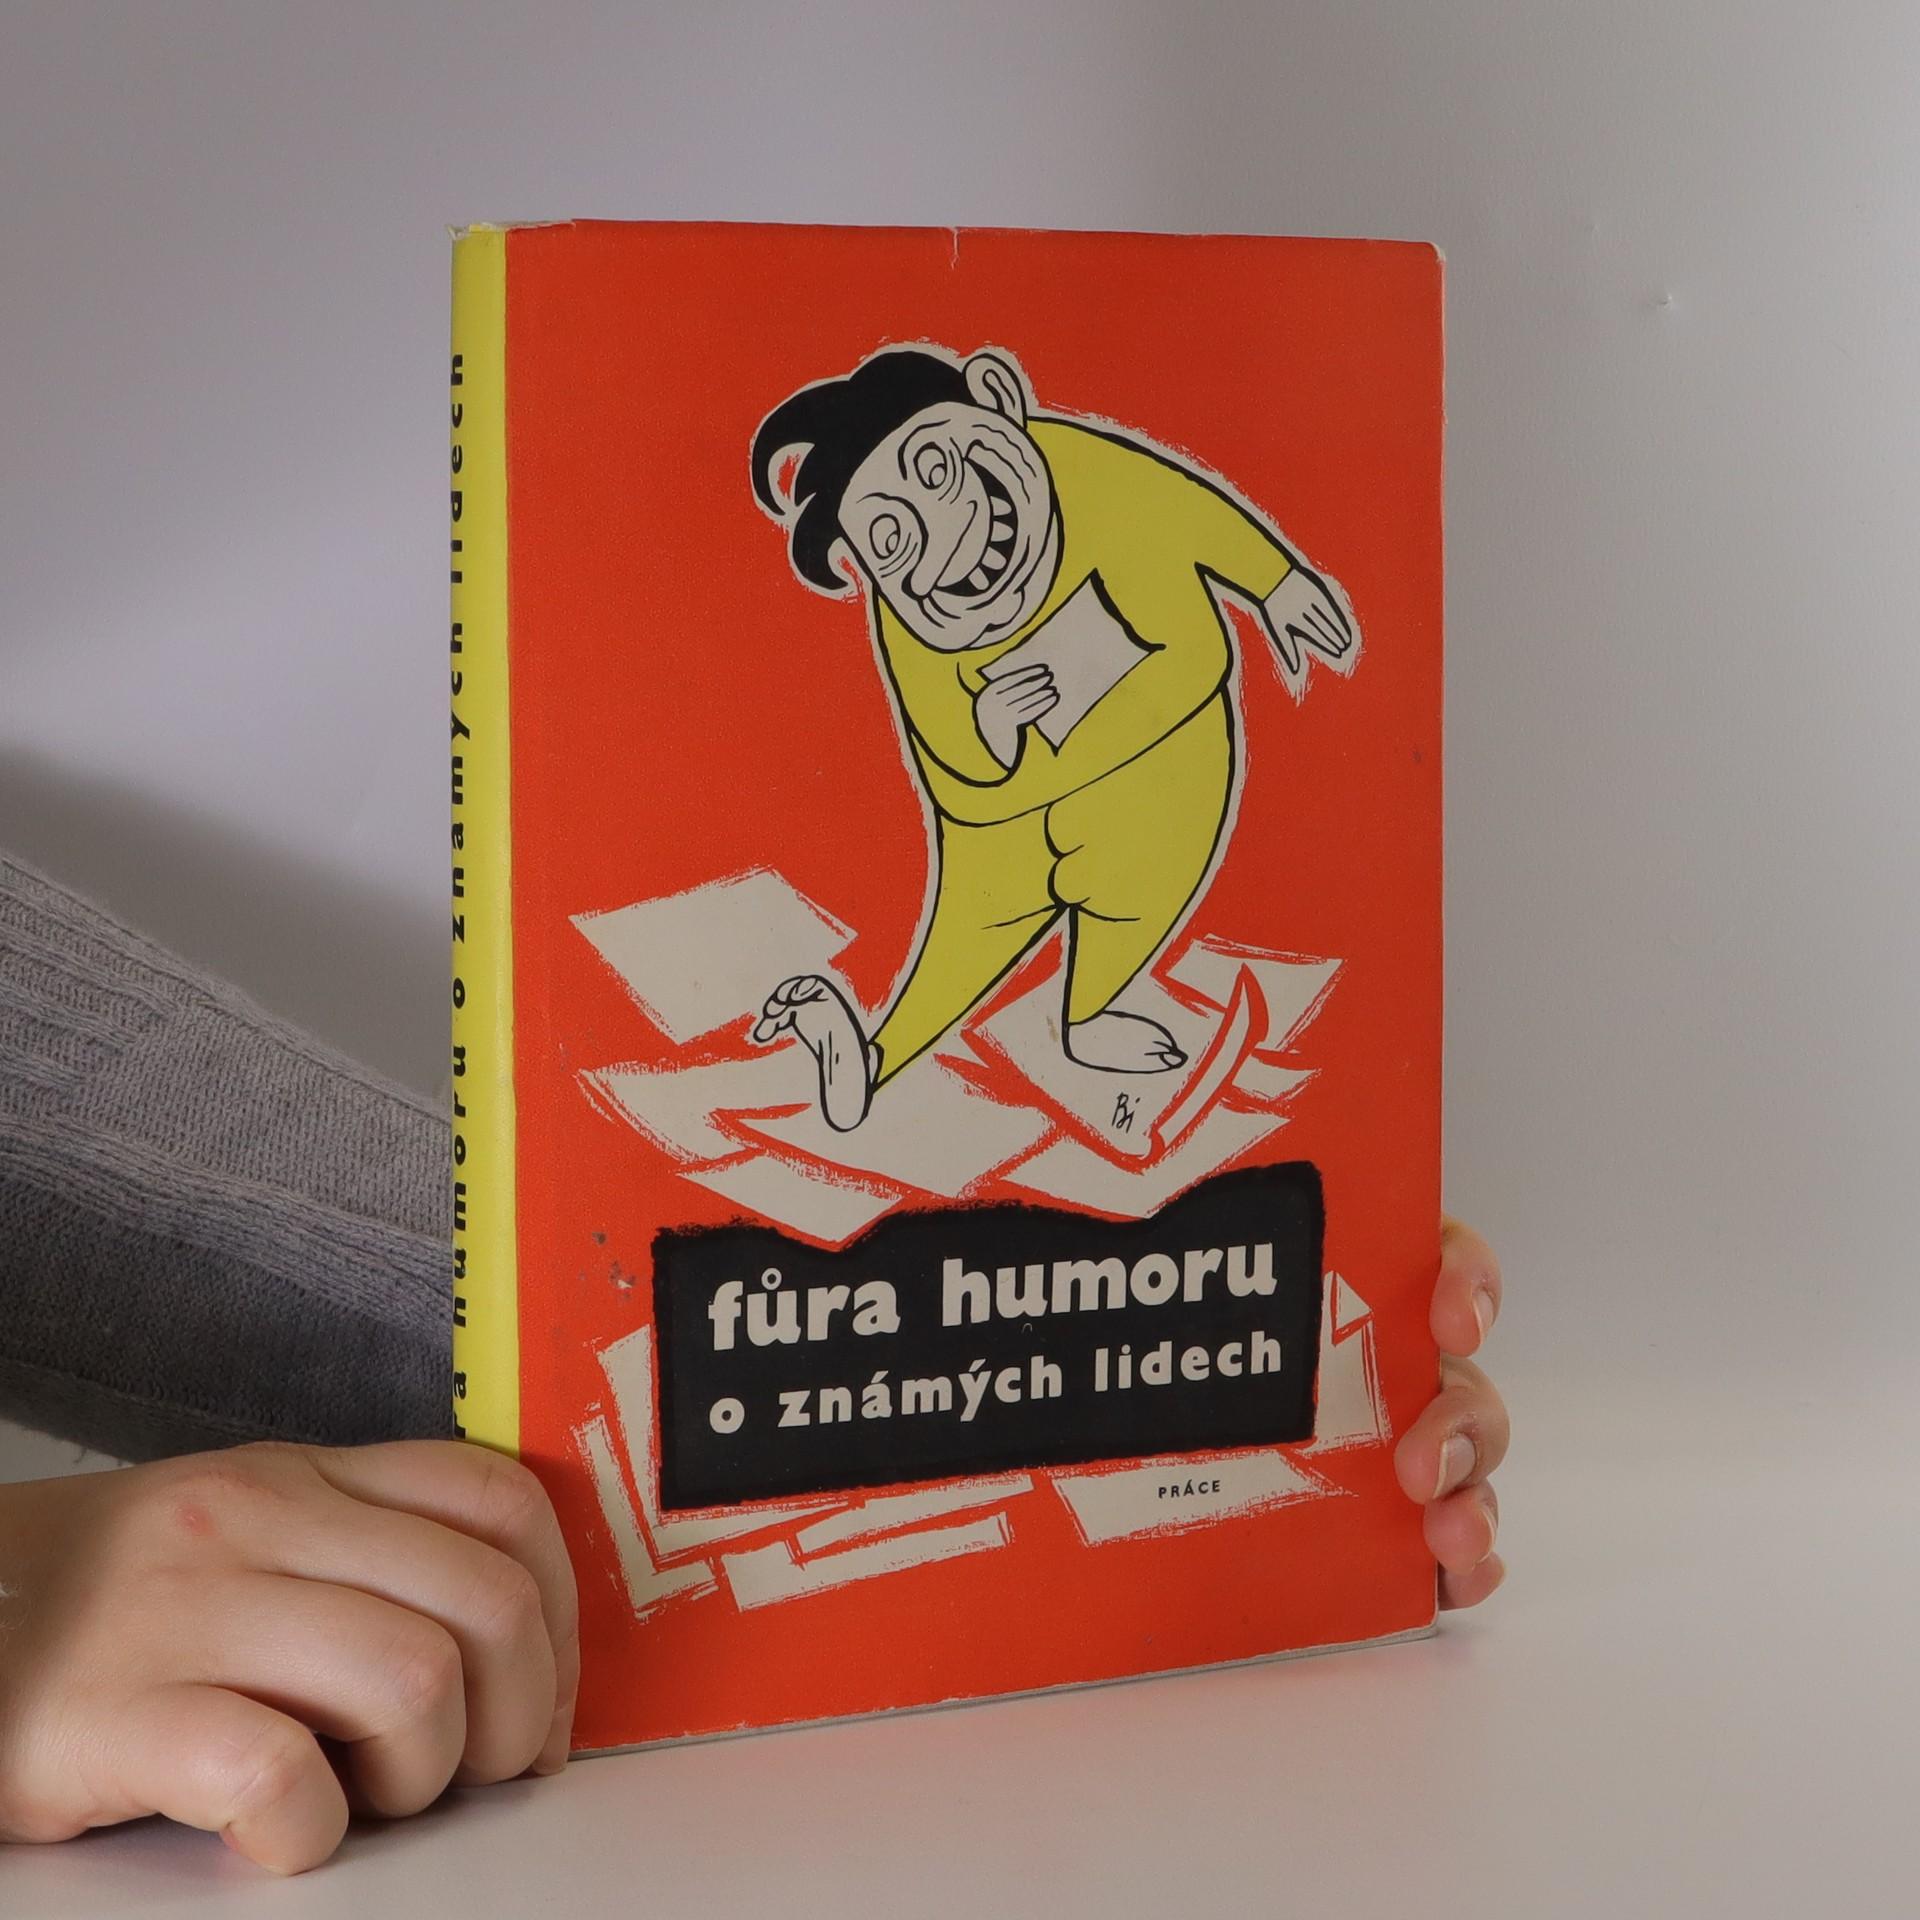 antikvární kniha Fůra humoru o známých lidech, neuveden